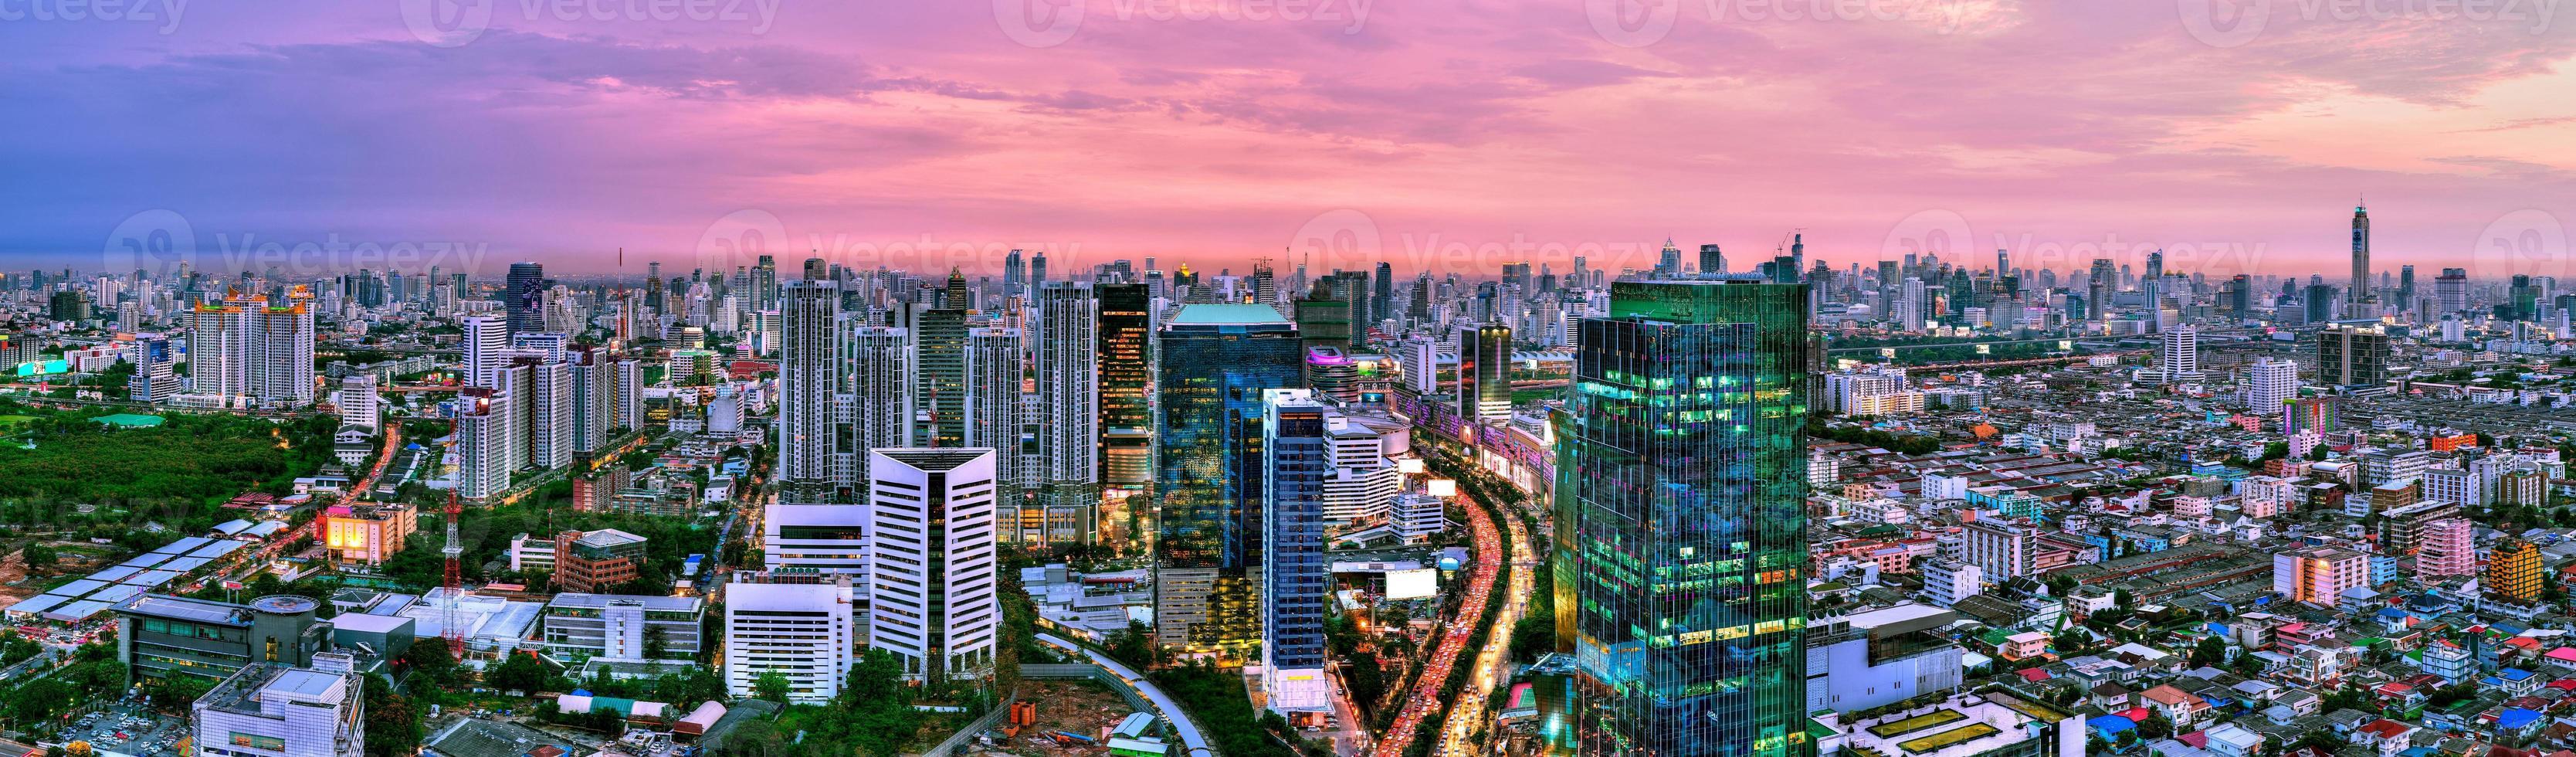 vista panorâmica da paisagem da cidade de Banguecoque ao pôr do sol, Tailândia foto